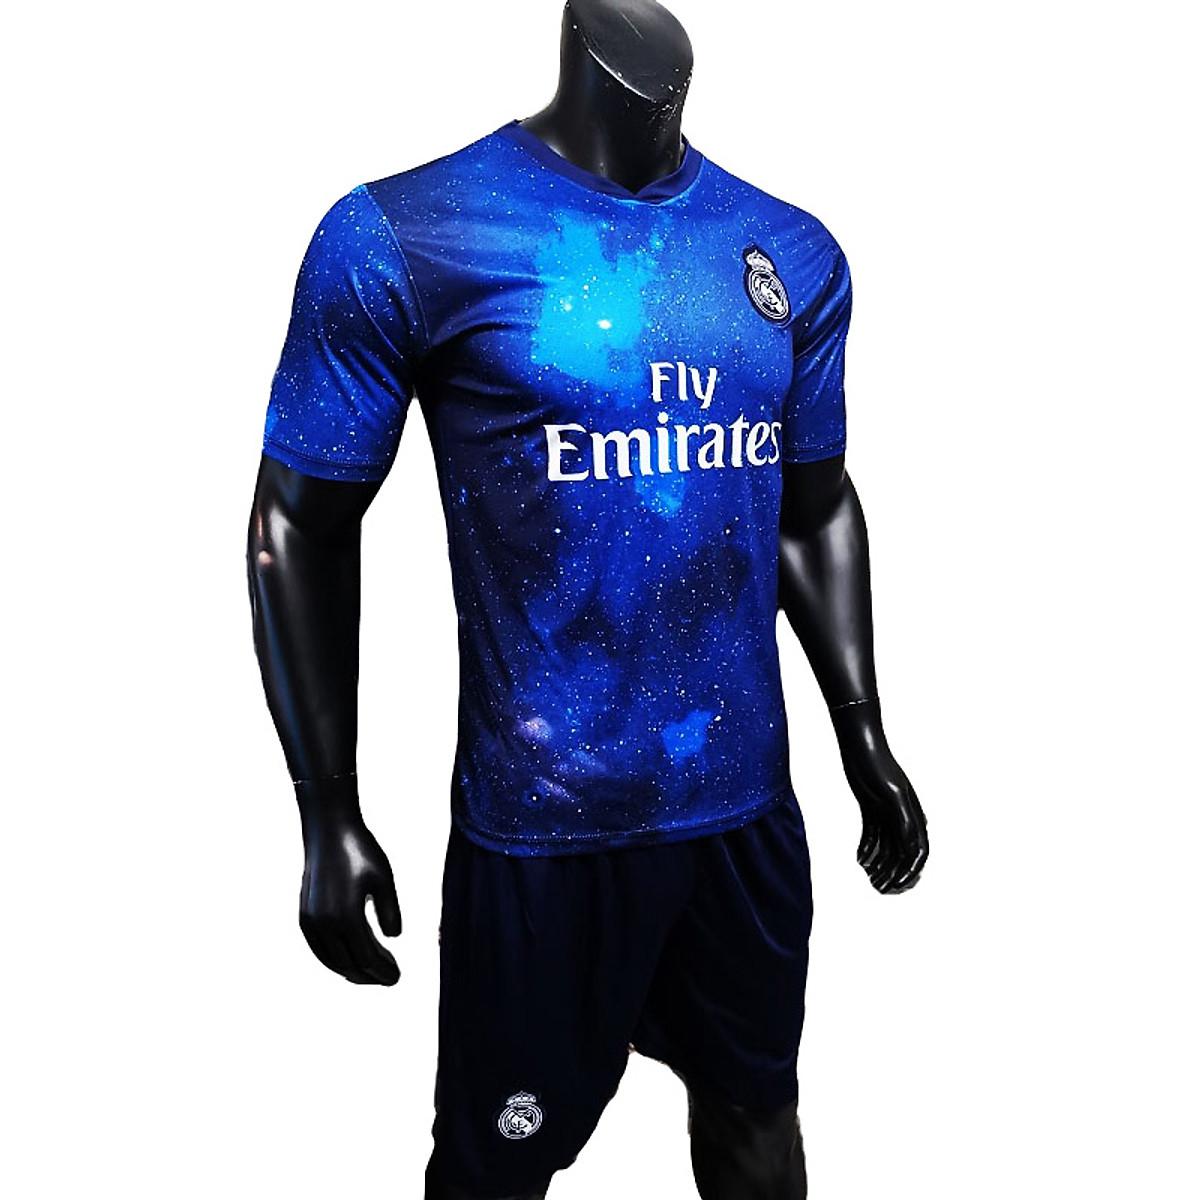 Bộ Quần Áo Đá Banh Real Madrid Phiên Bản Galaxy - Dải Ngân Hà